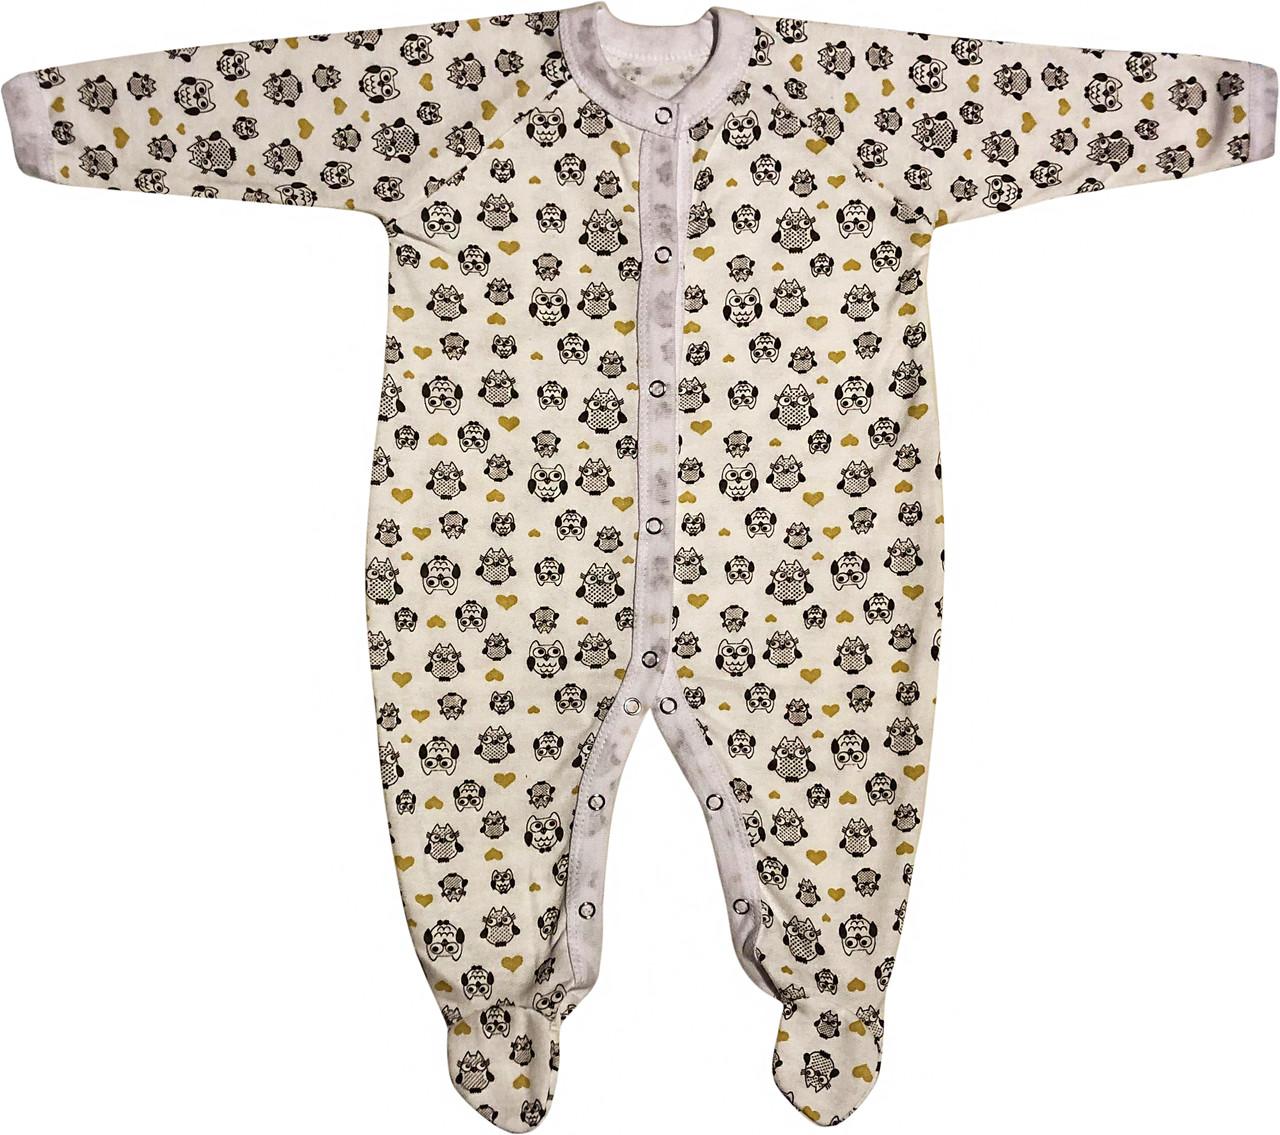 Теплий чоловічок з начосом для малюків ріст 86 1-1,5 року на хлопчика дівчинку сліп бавовна футер молочний